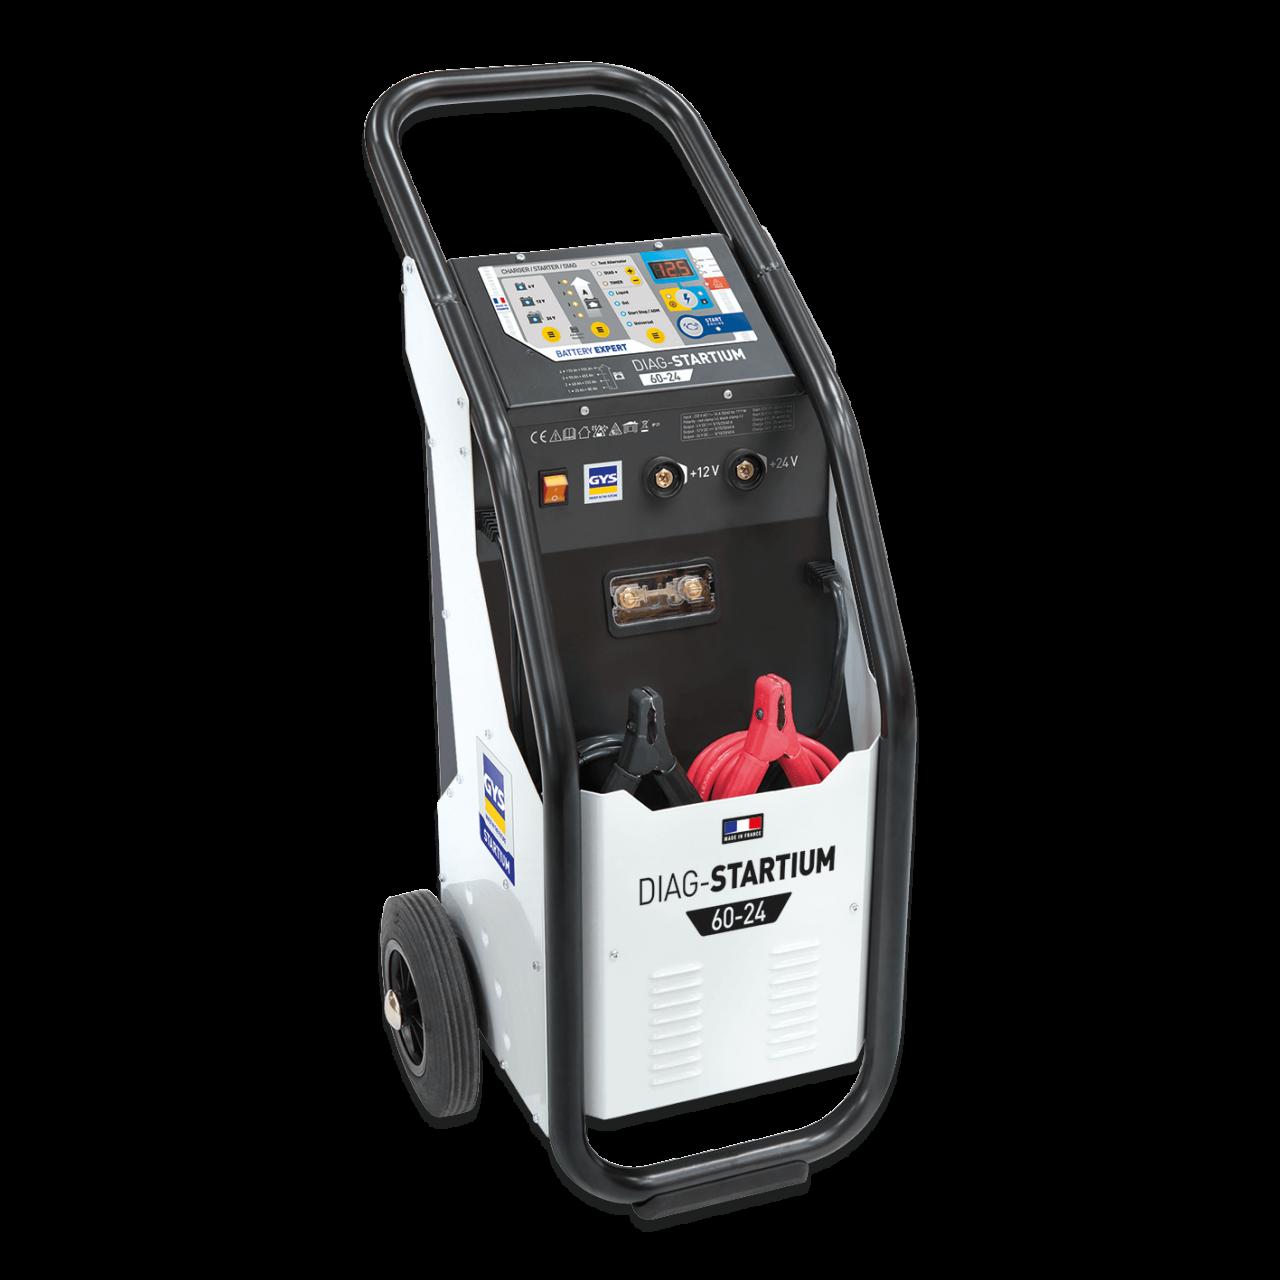 Batterielade- und Startgerät